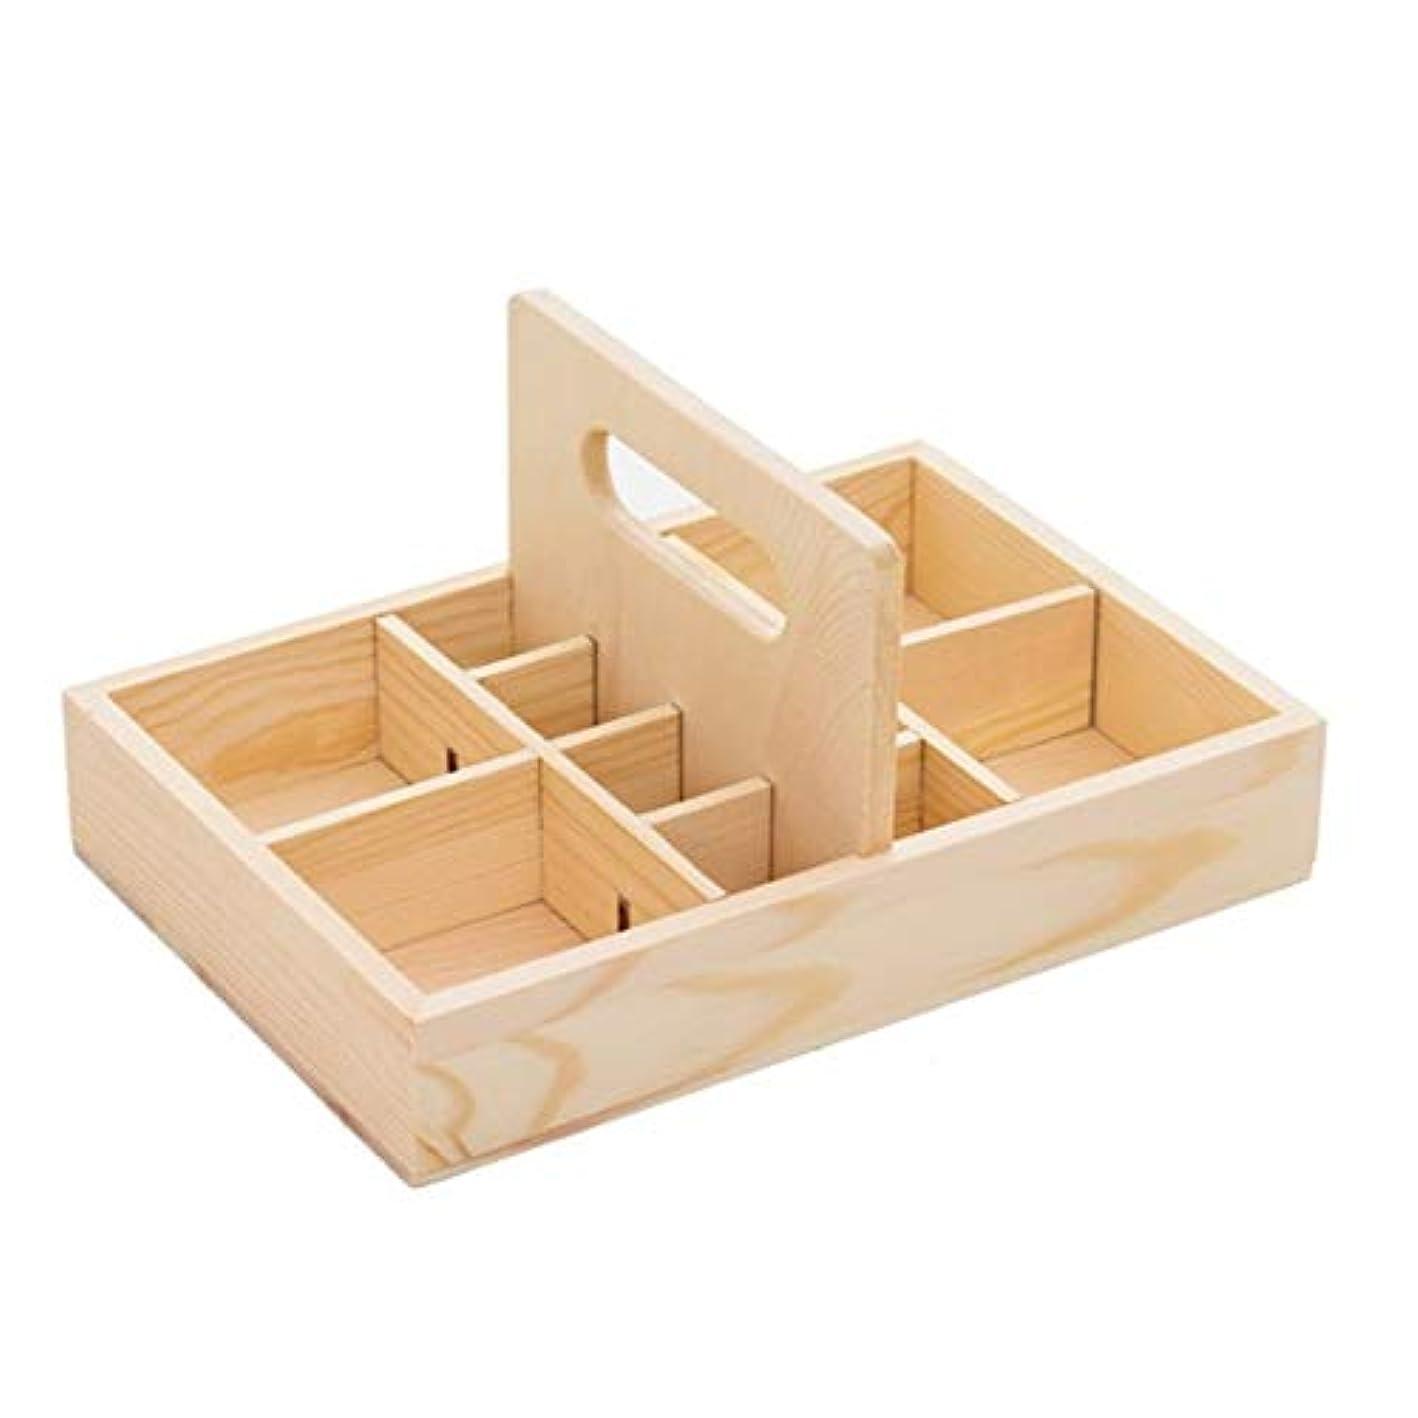 一般的なコンベンションチャットキャリー付きエッセンシャルオイルストレージボックスオーガナイザーは木製オイルケースホルダーをハンドル アロマセラピー製品 (色 : Natural, サイズ : 22X15X4.2CM)